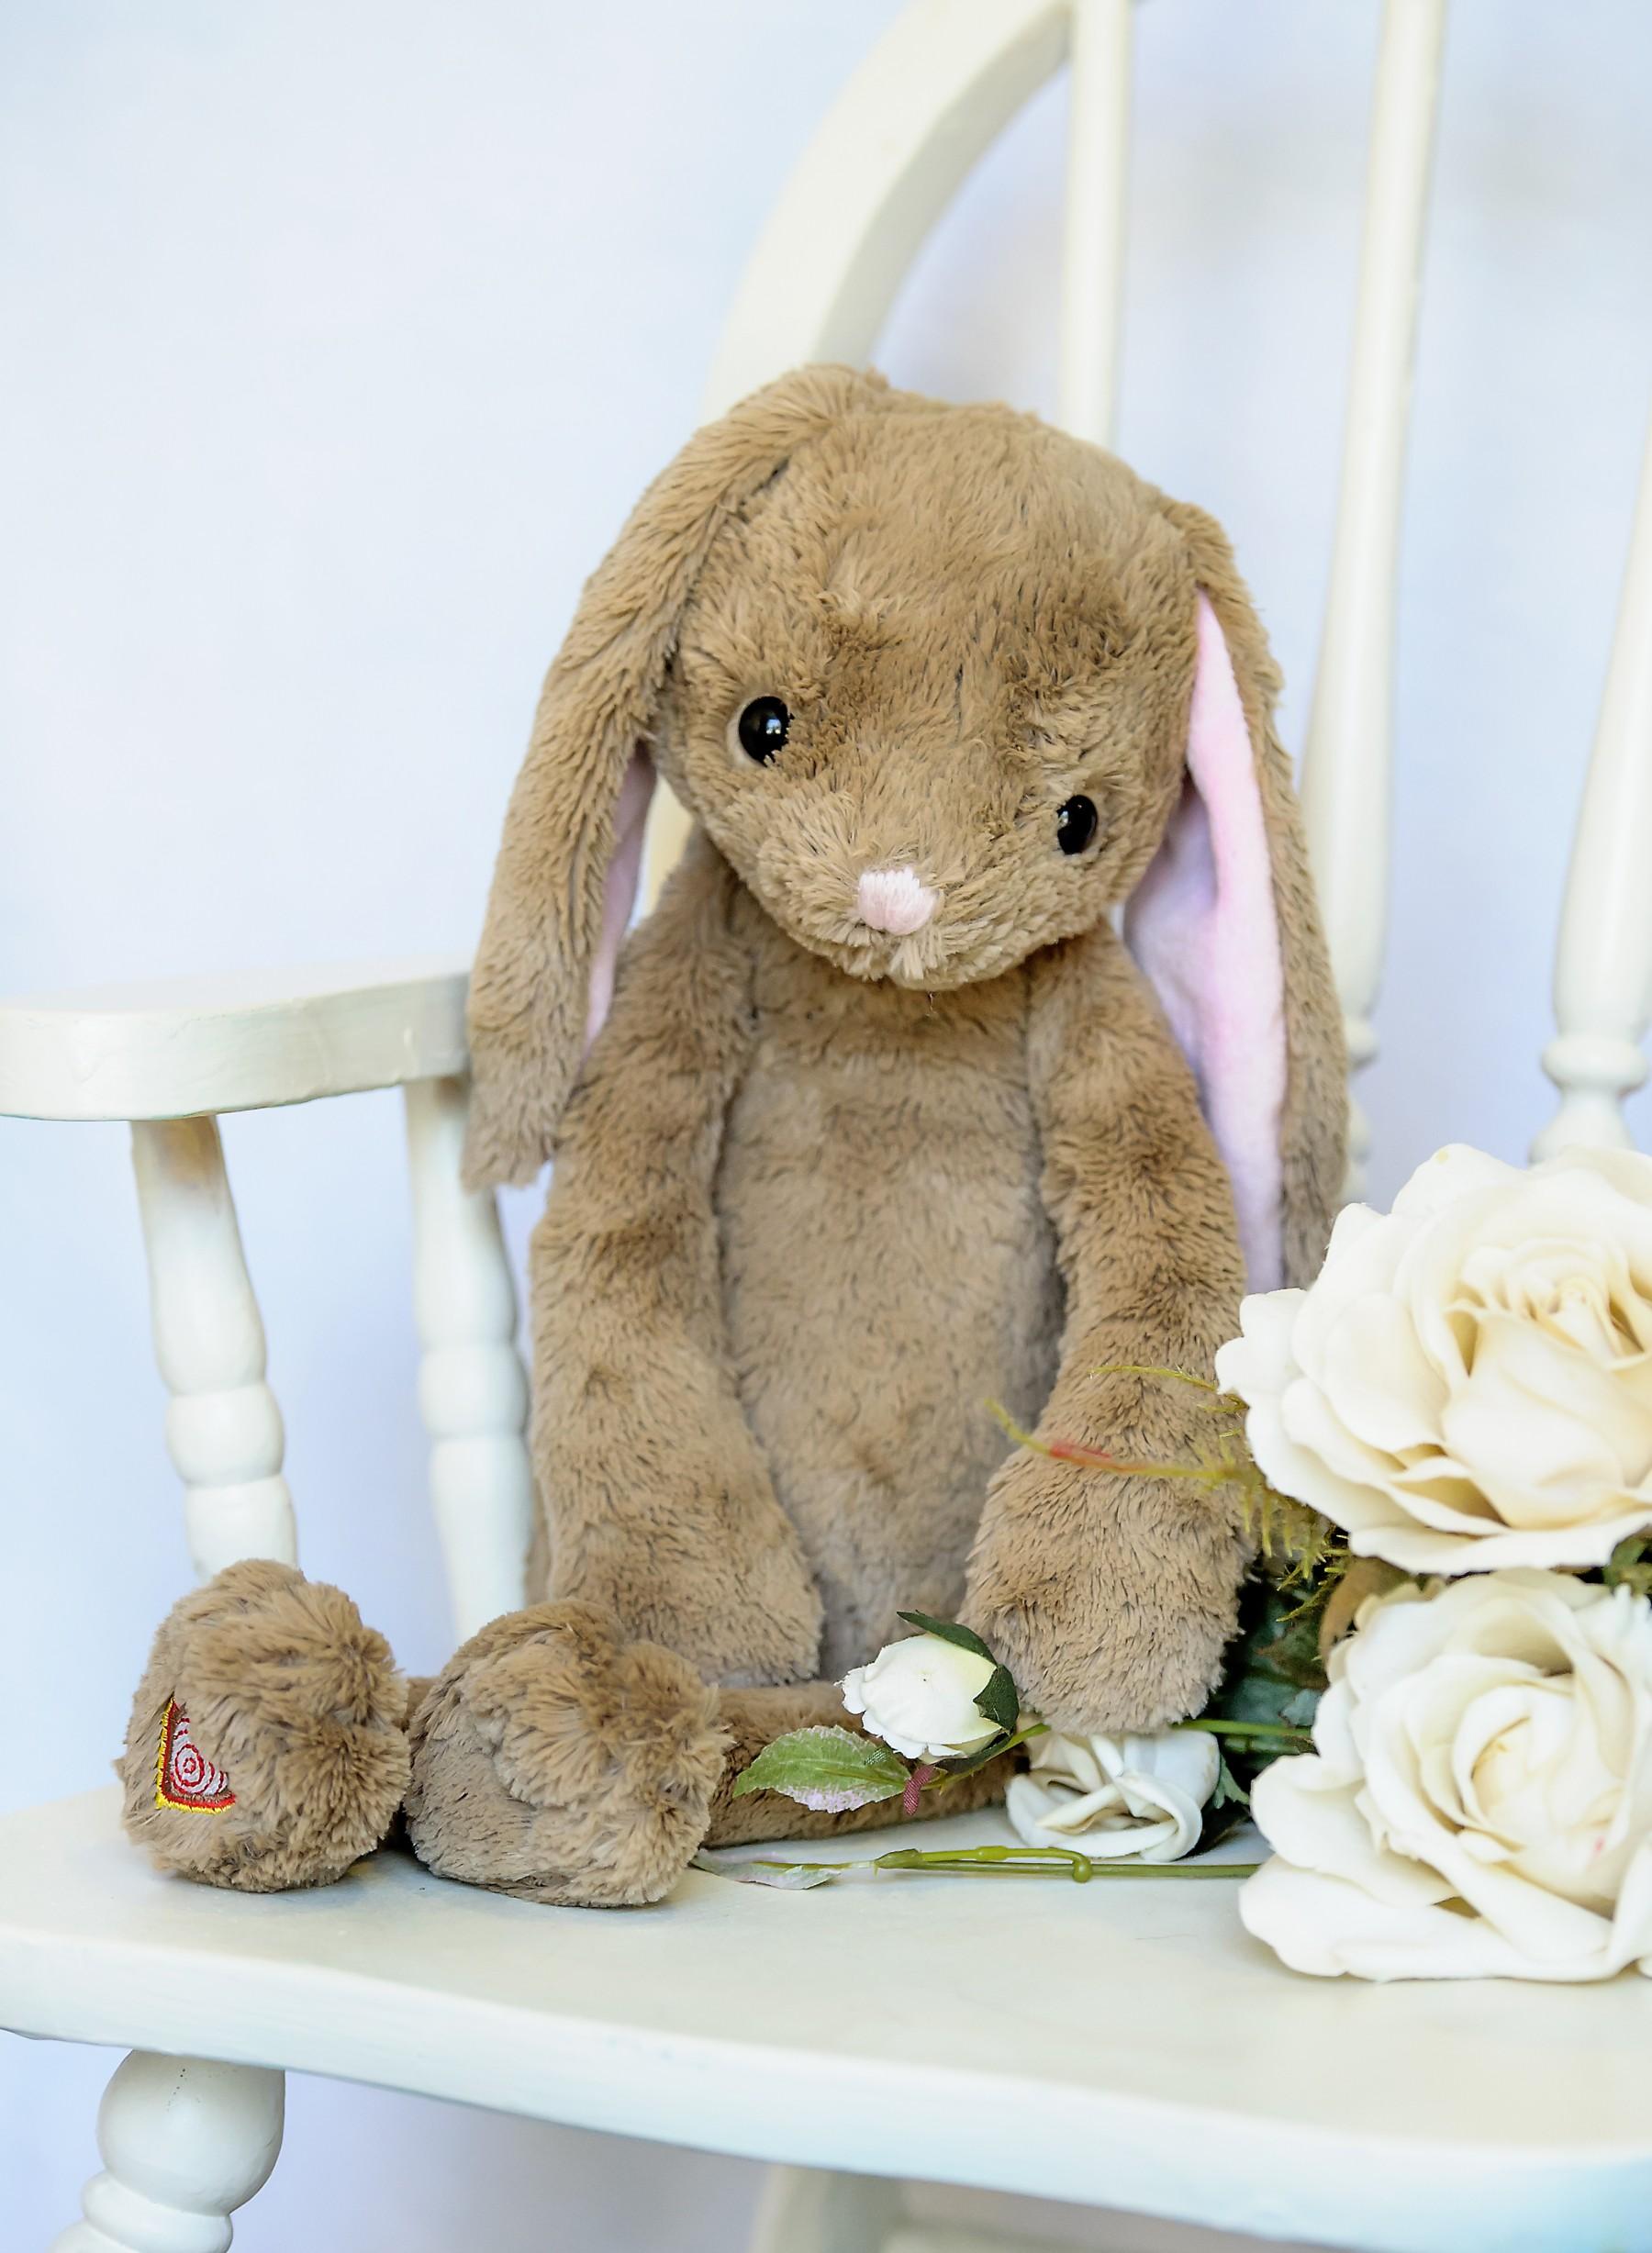 Bunny Recordable Stuffed Animal Kit